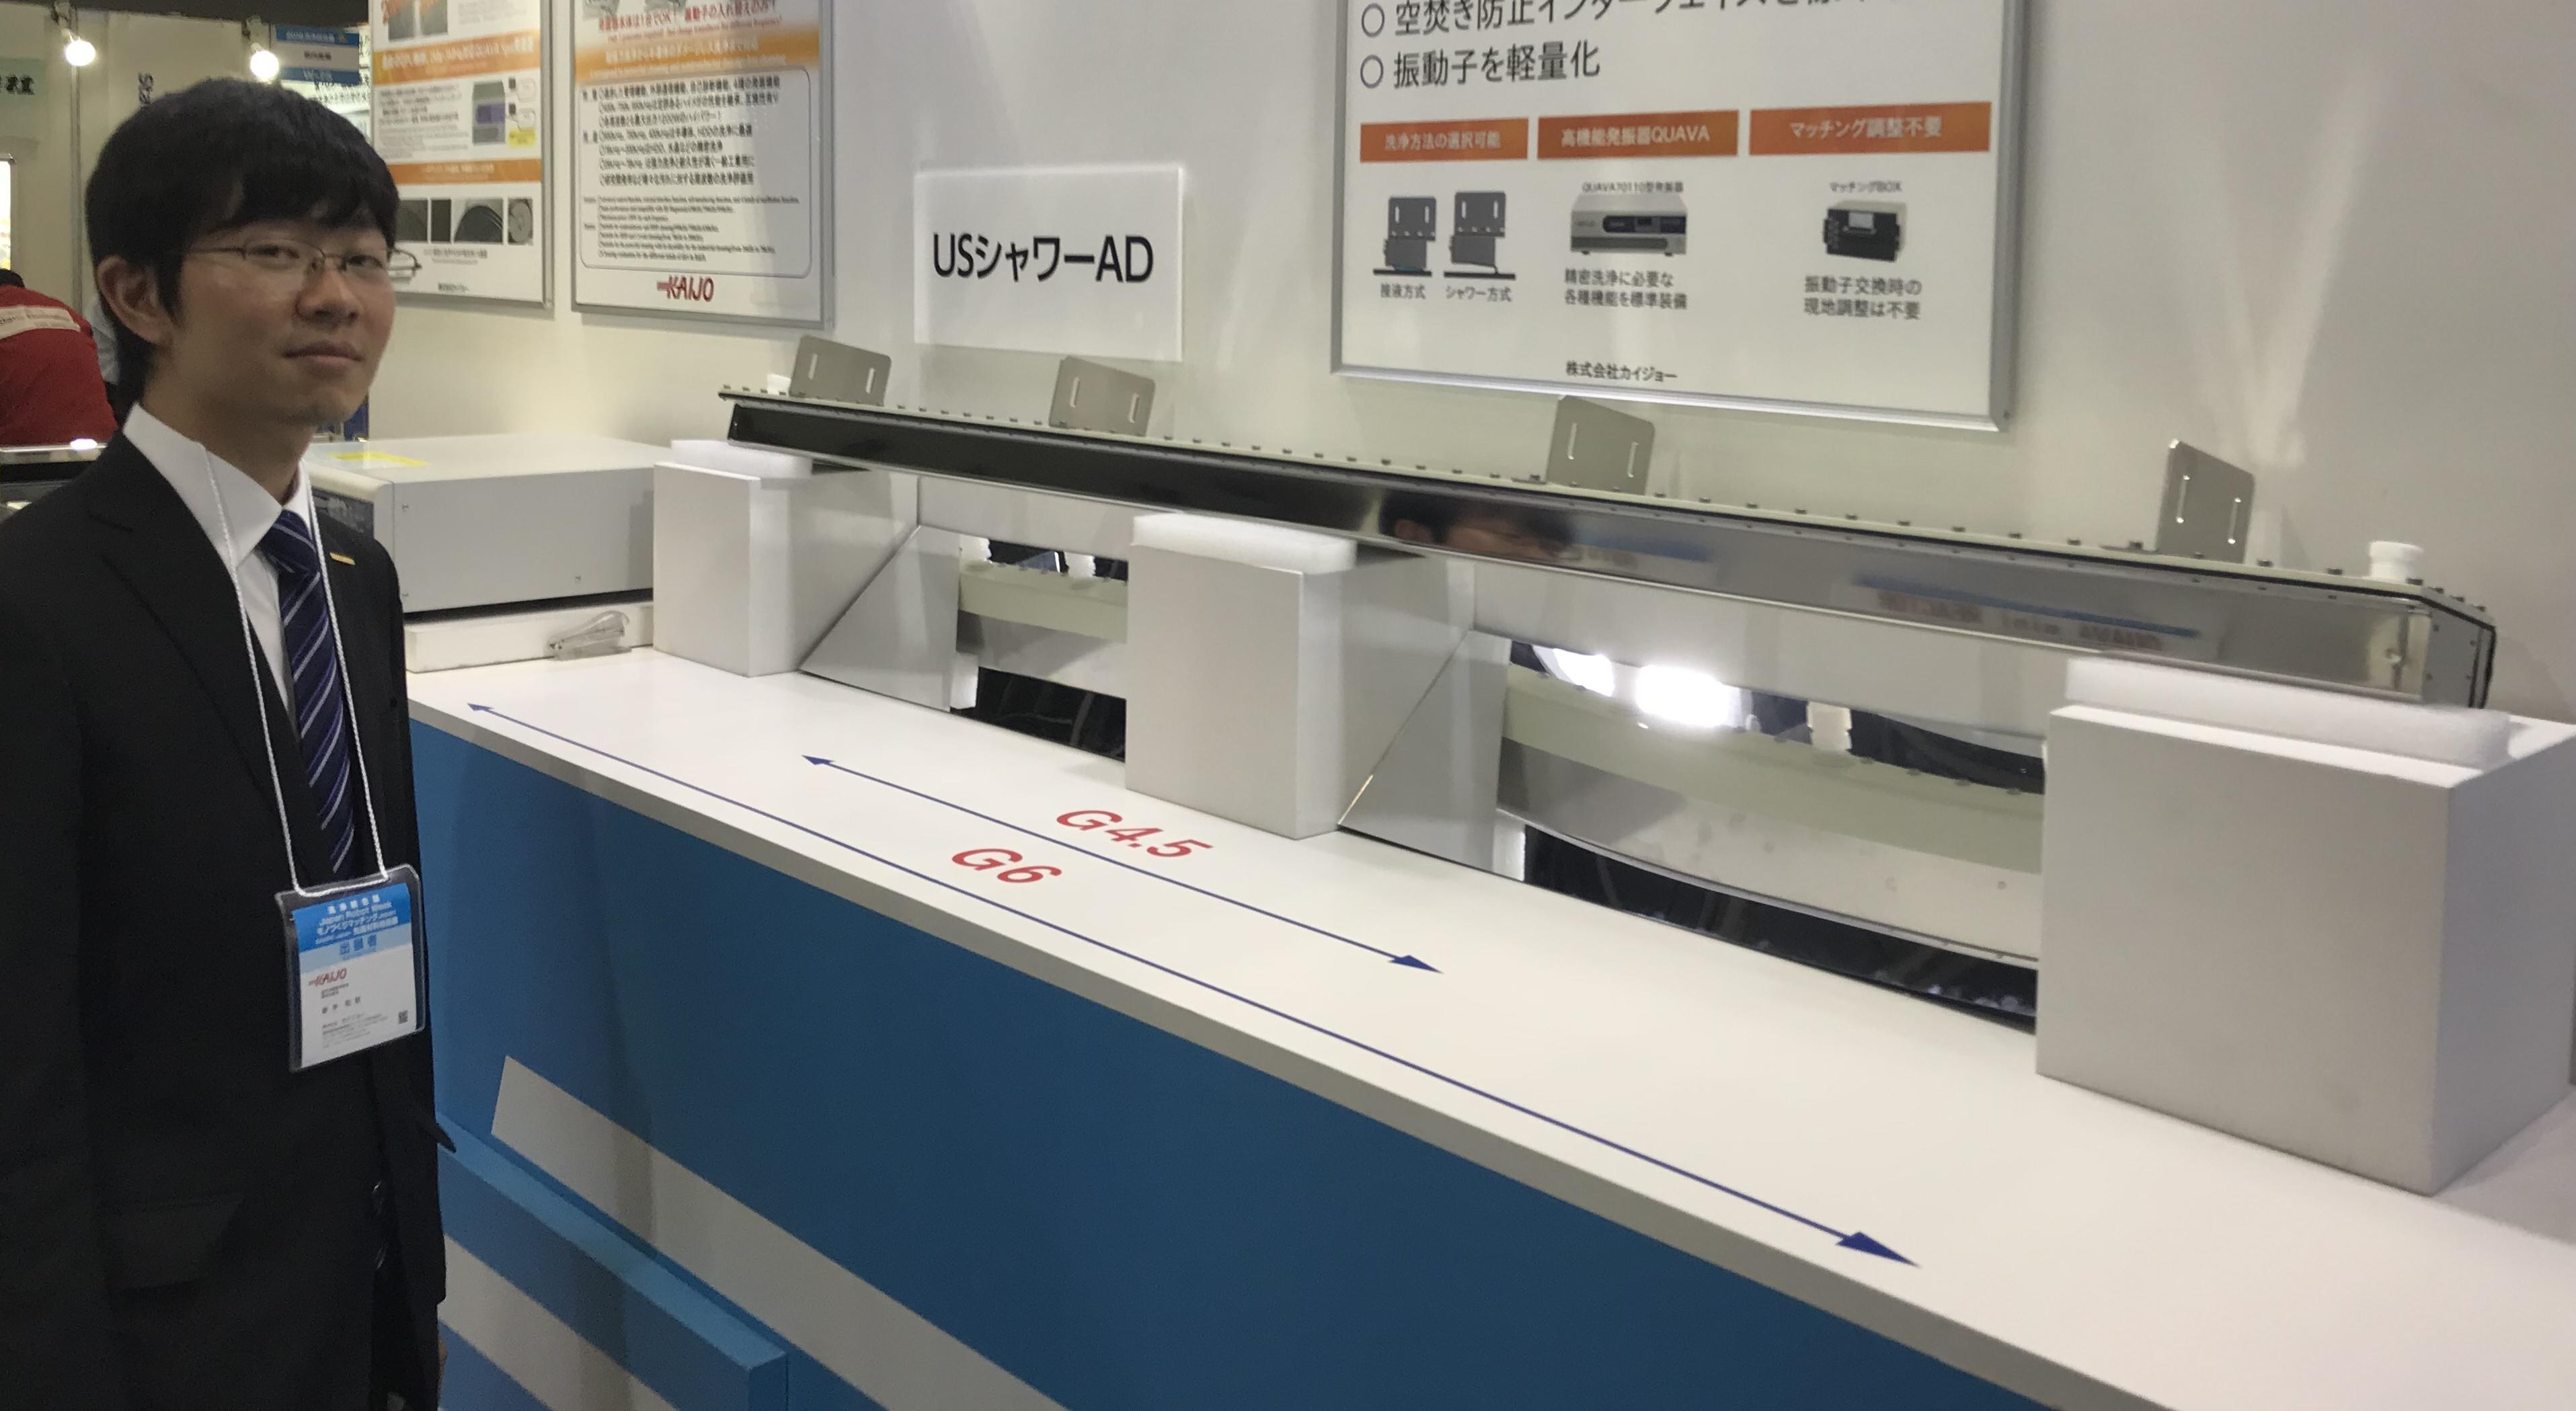 【新製品紹介】USシャワーAD(精密洗浄用超音波洗浄機)